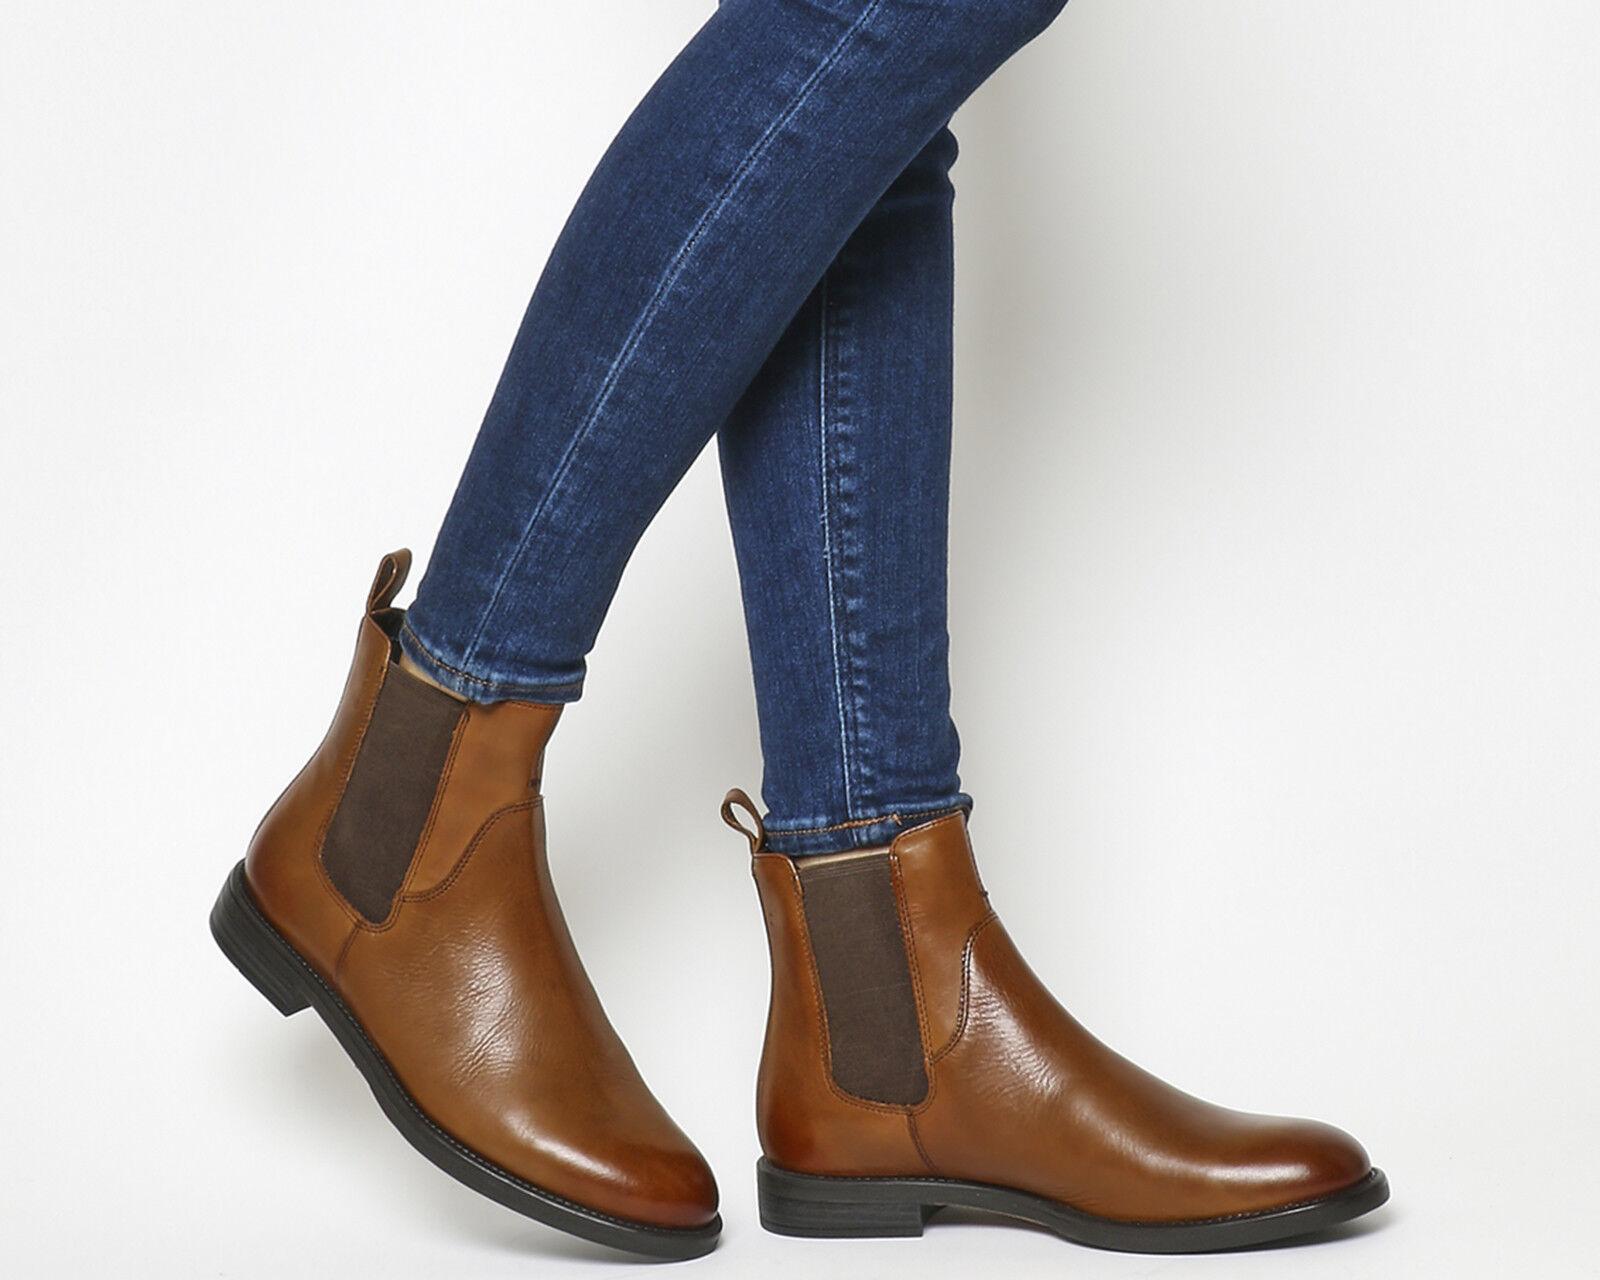 les femmes des bottes en cuir cuir cuir pour dames vagabond amina chelsea. | Achats En Ligne  e30767